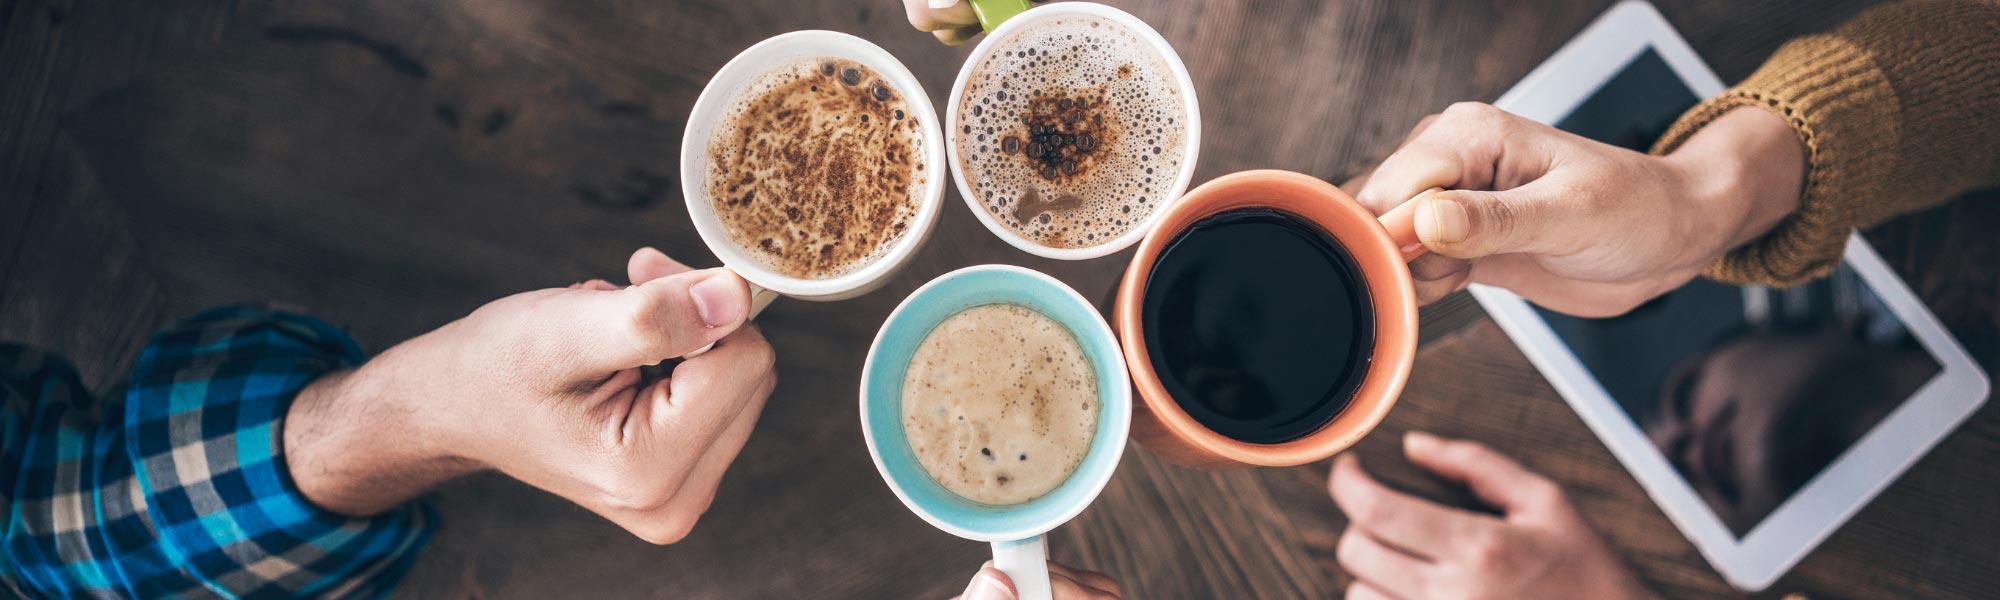 Koffiesystemen